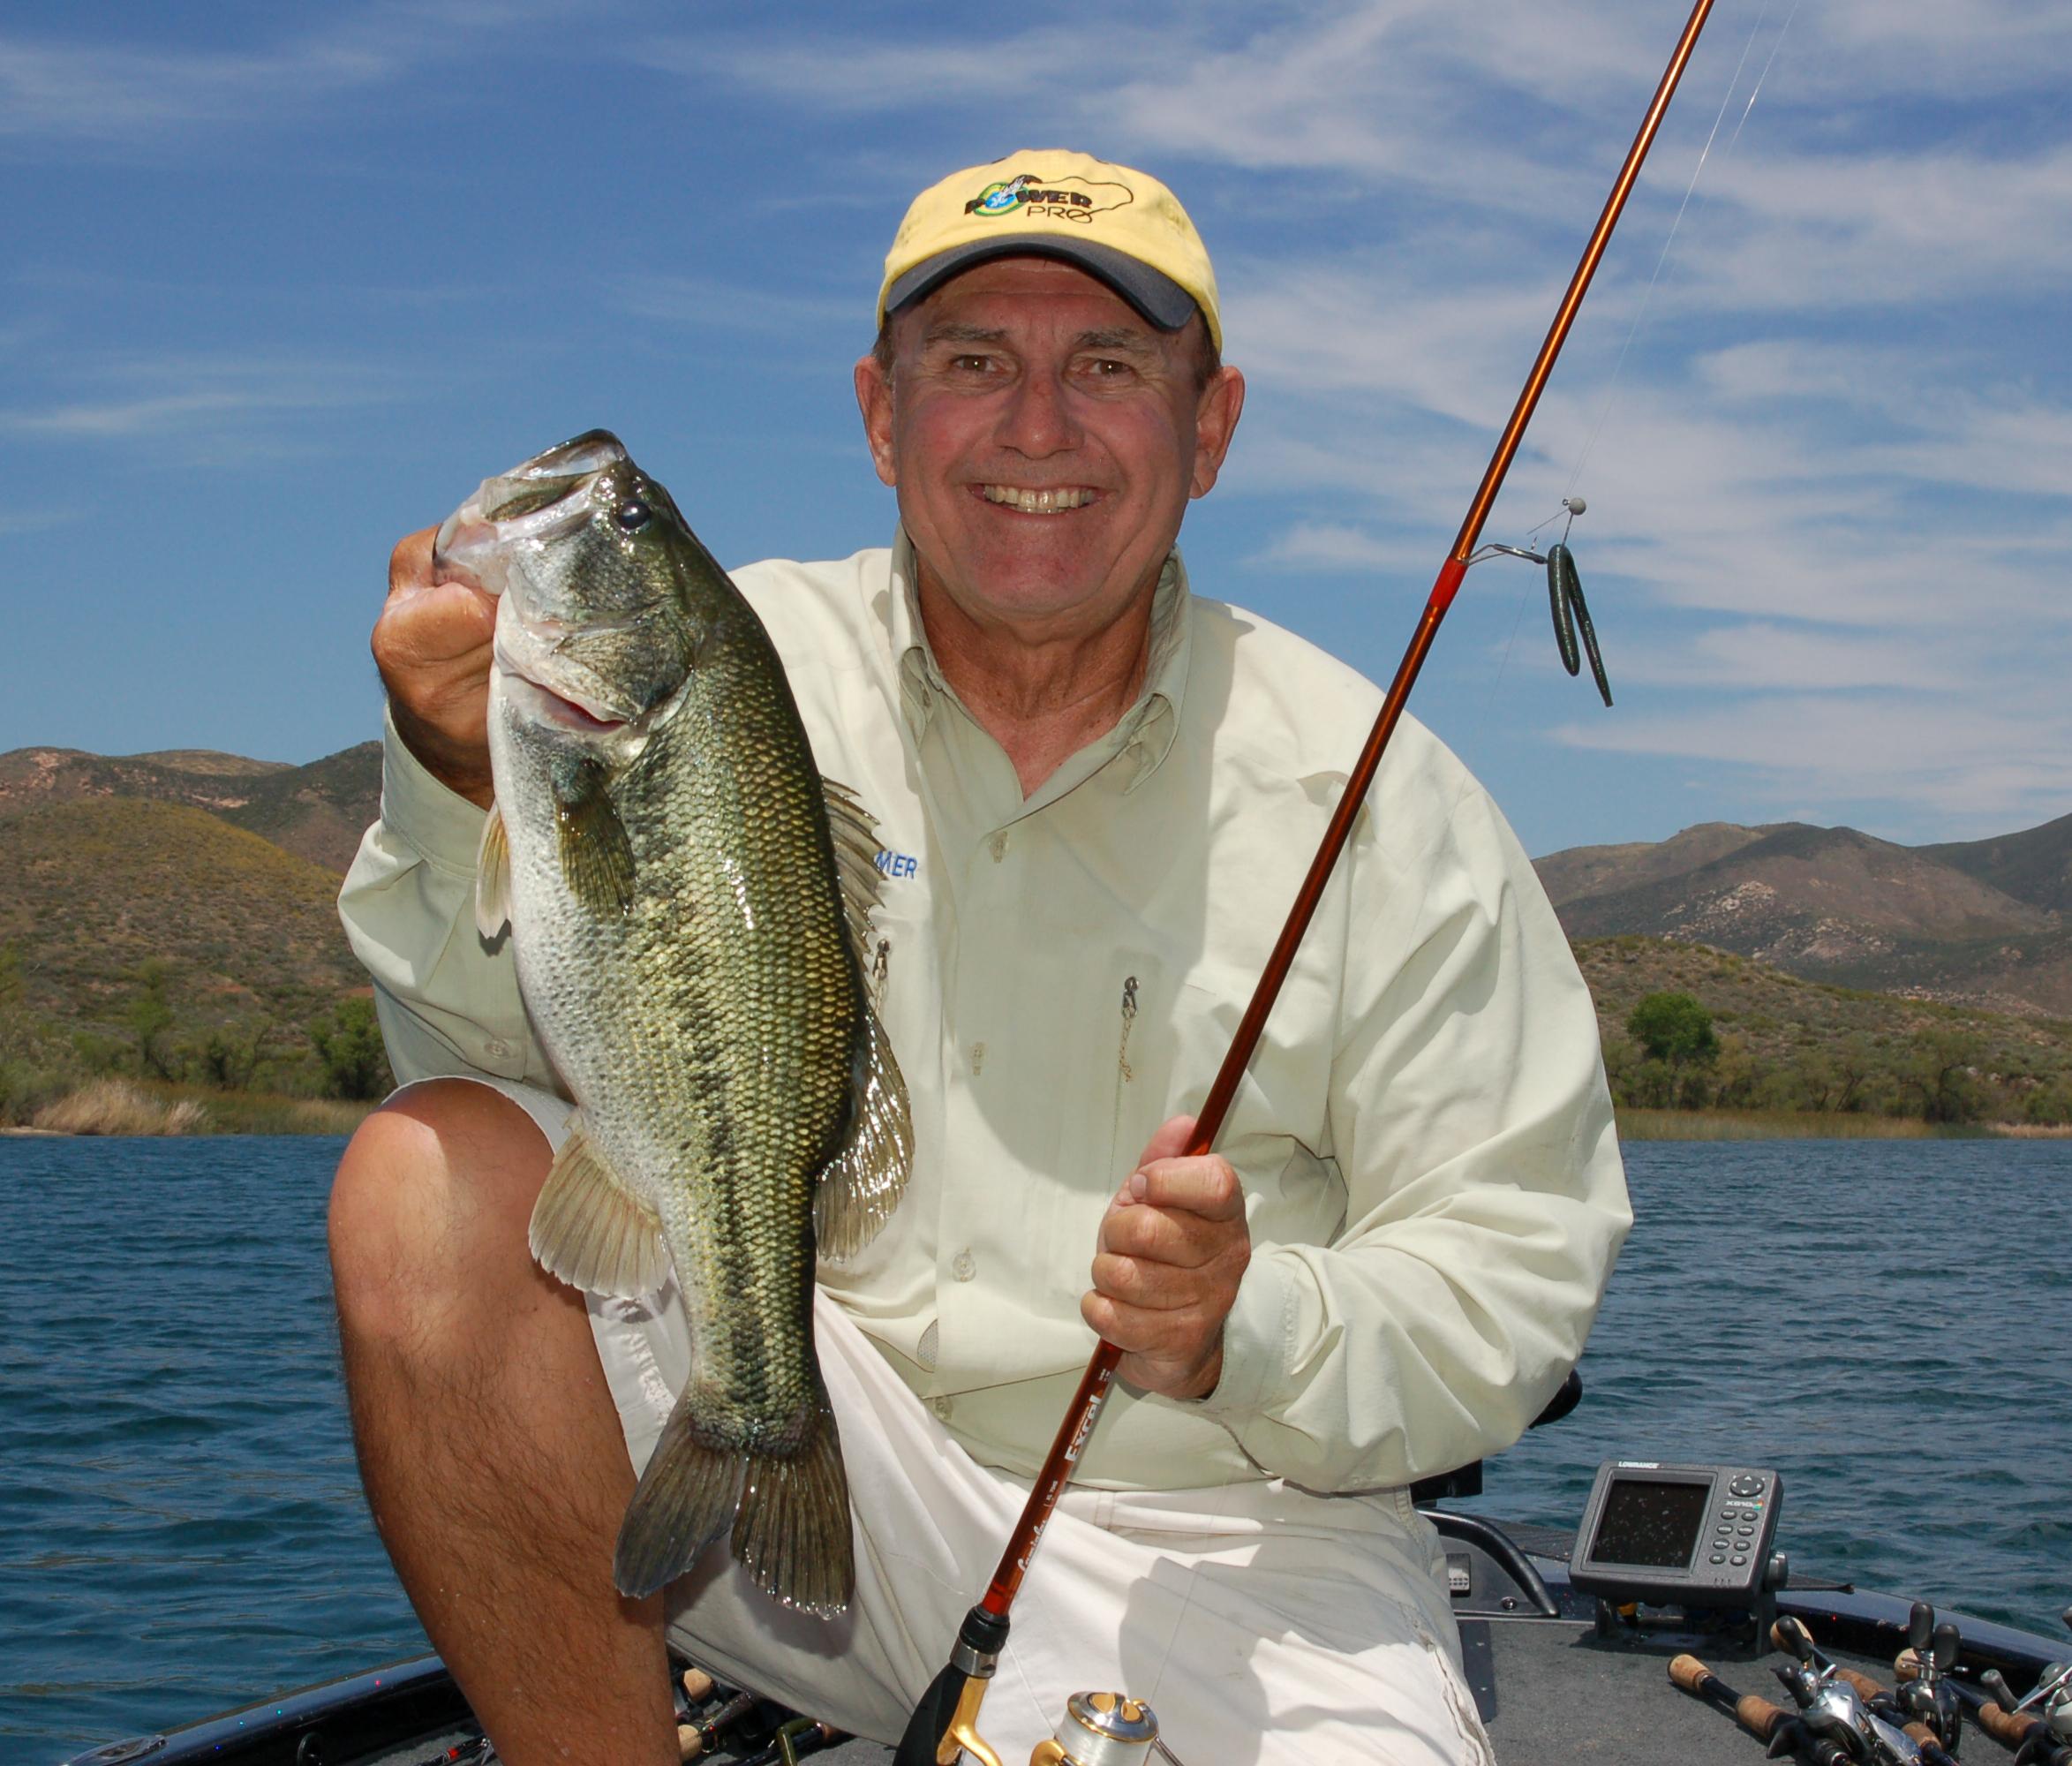 Lake skinner a winner today kramer gone fishing for Lake skinner fishing report